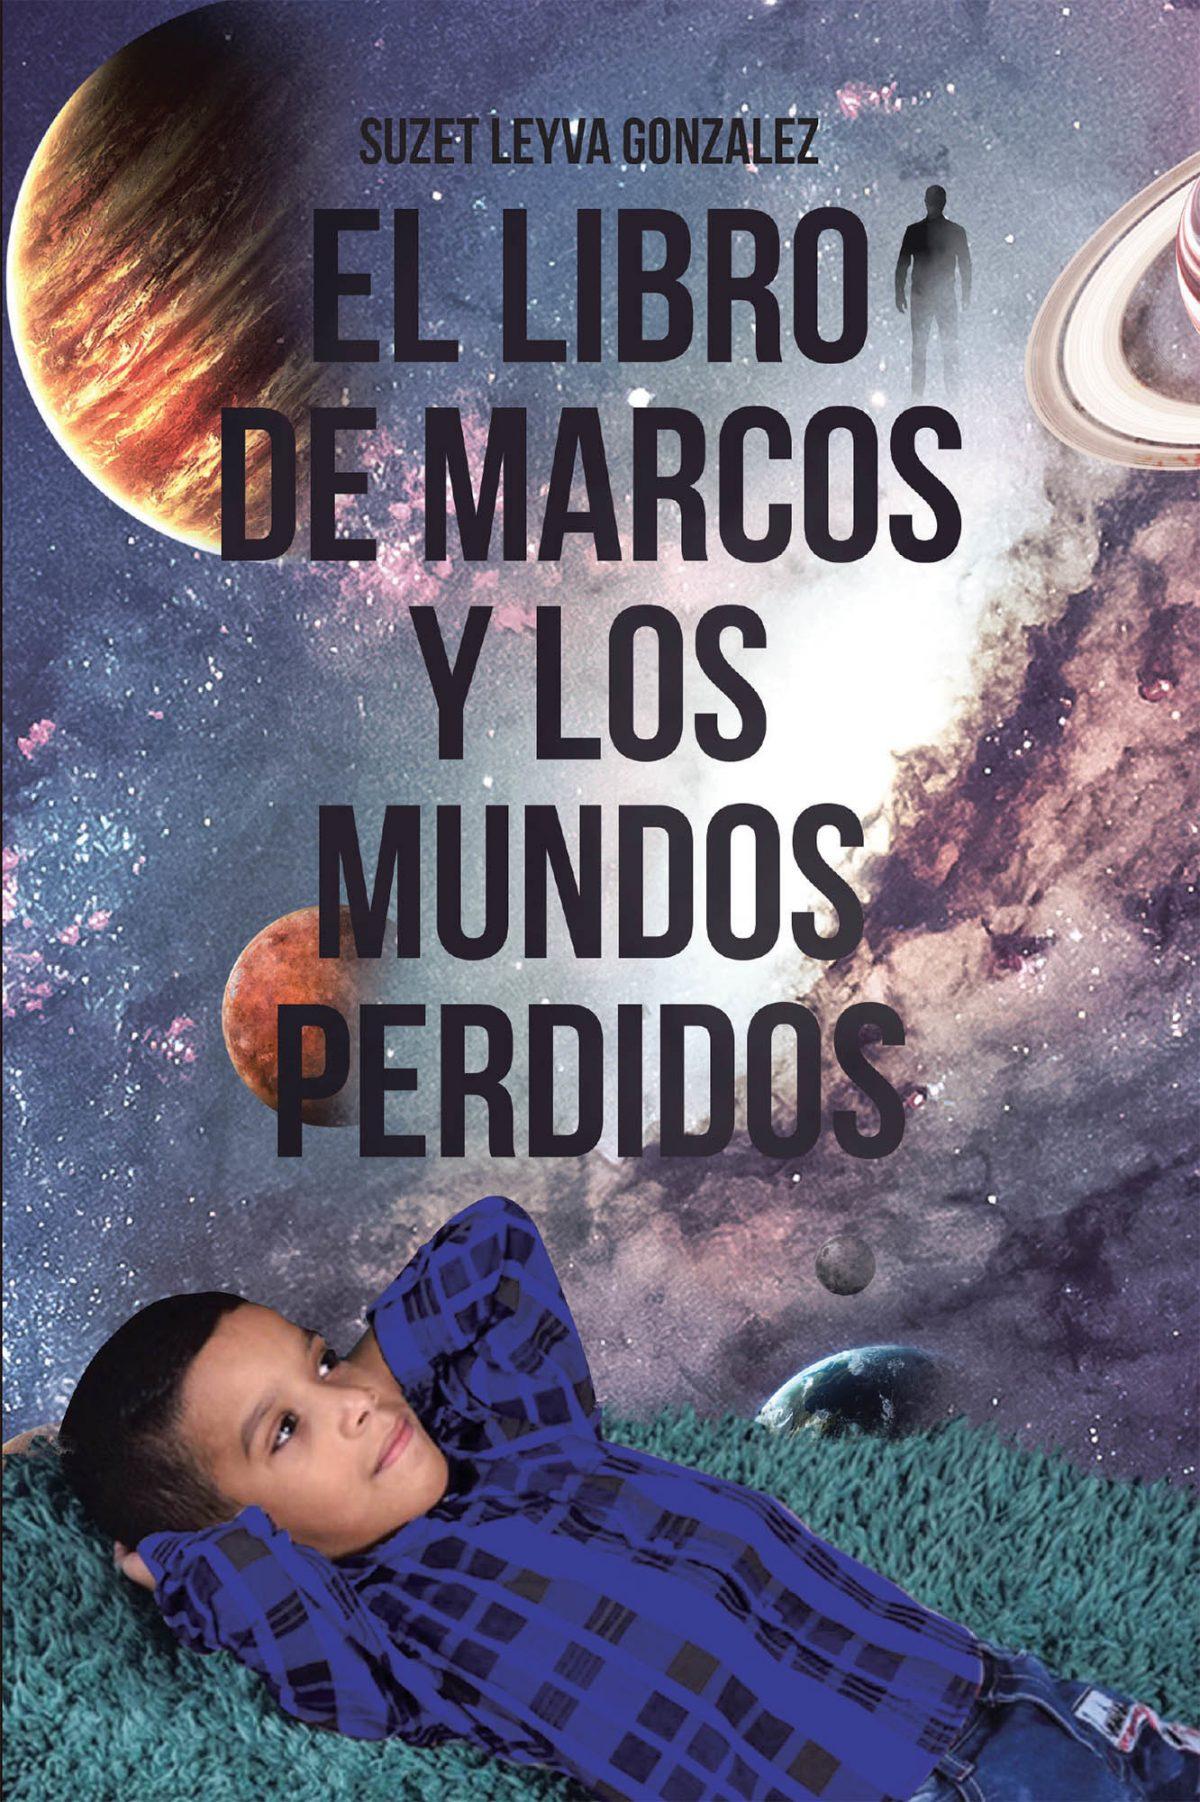 El Nuevo Libro De Suzet Leyva González, El Libro De Marcos Y Los Mundos Perdidos, Un Mundo Fantástico En Papel, Aventura, Intriga Y Diversión Sin Límites